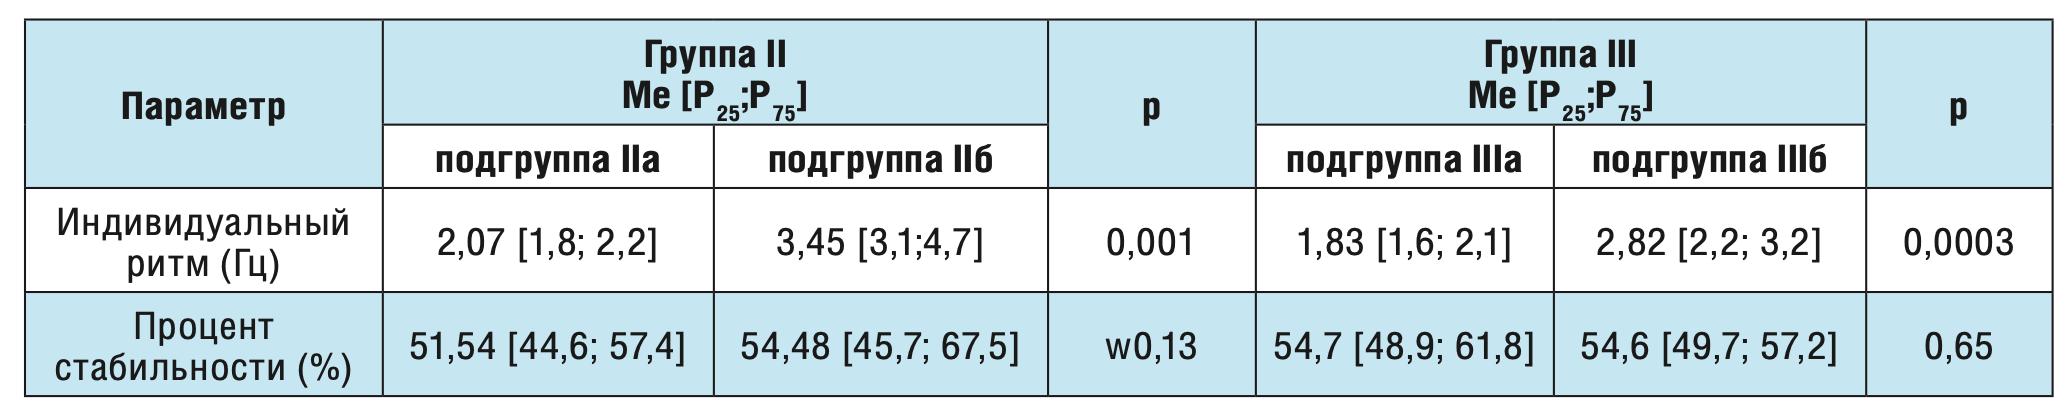 Таблица 2. Сравнение параметров кистевого теппинга у больных с лобно-долевой и височно-долевой постинсультной эпилепсиями.